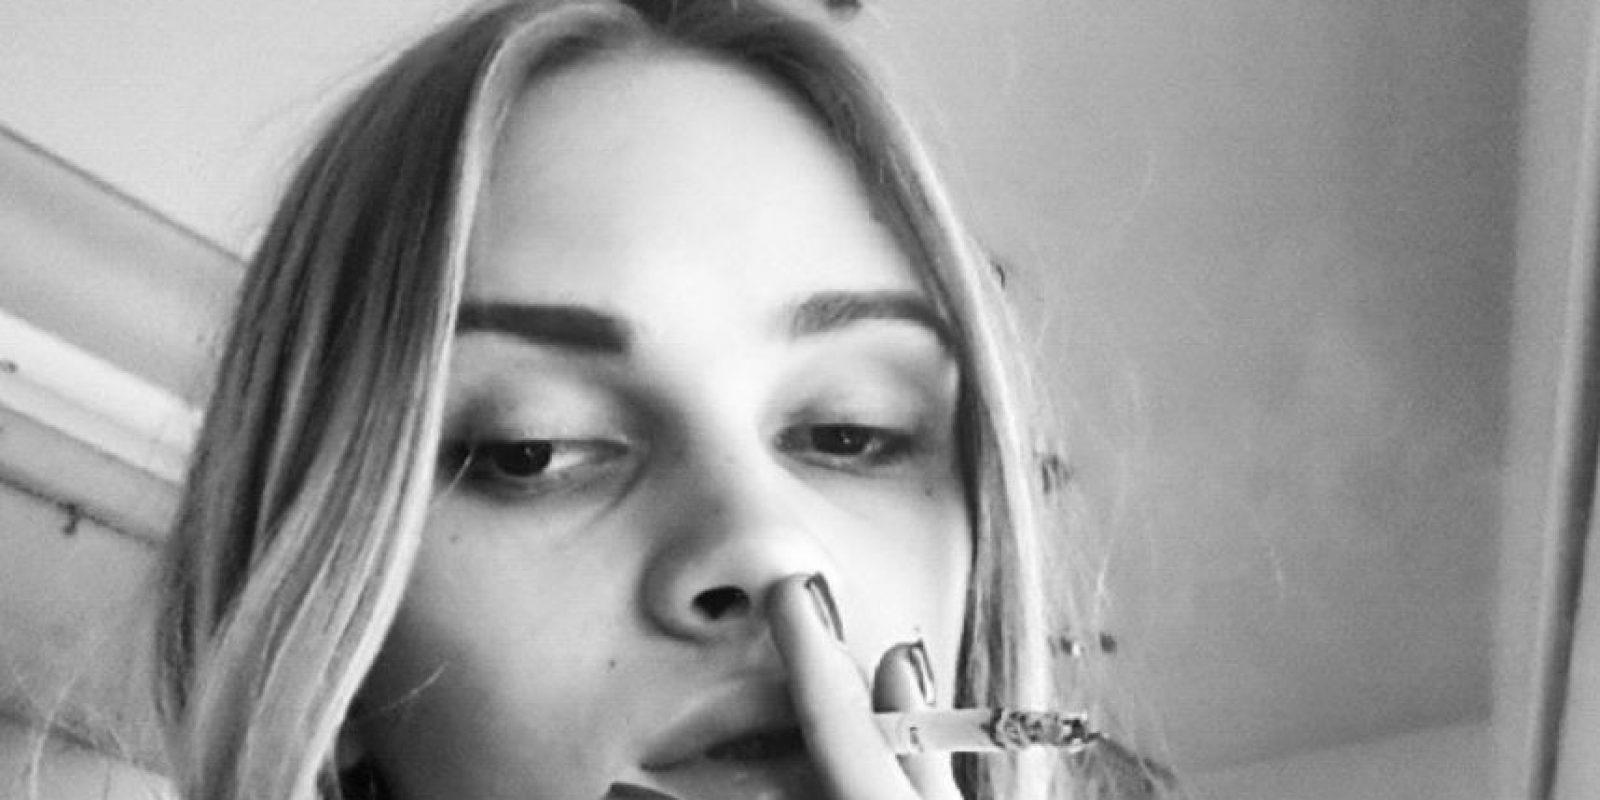 Su ídolo es Cara Delevingne. Quiere conocerla. Foto:vía Instagram/Stav Strashko